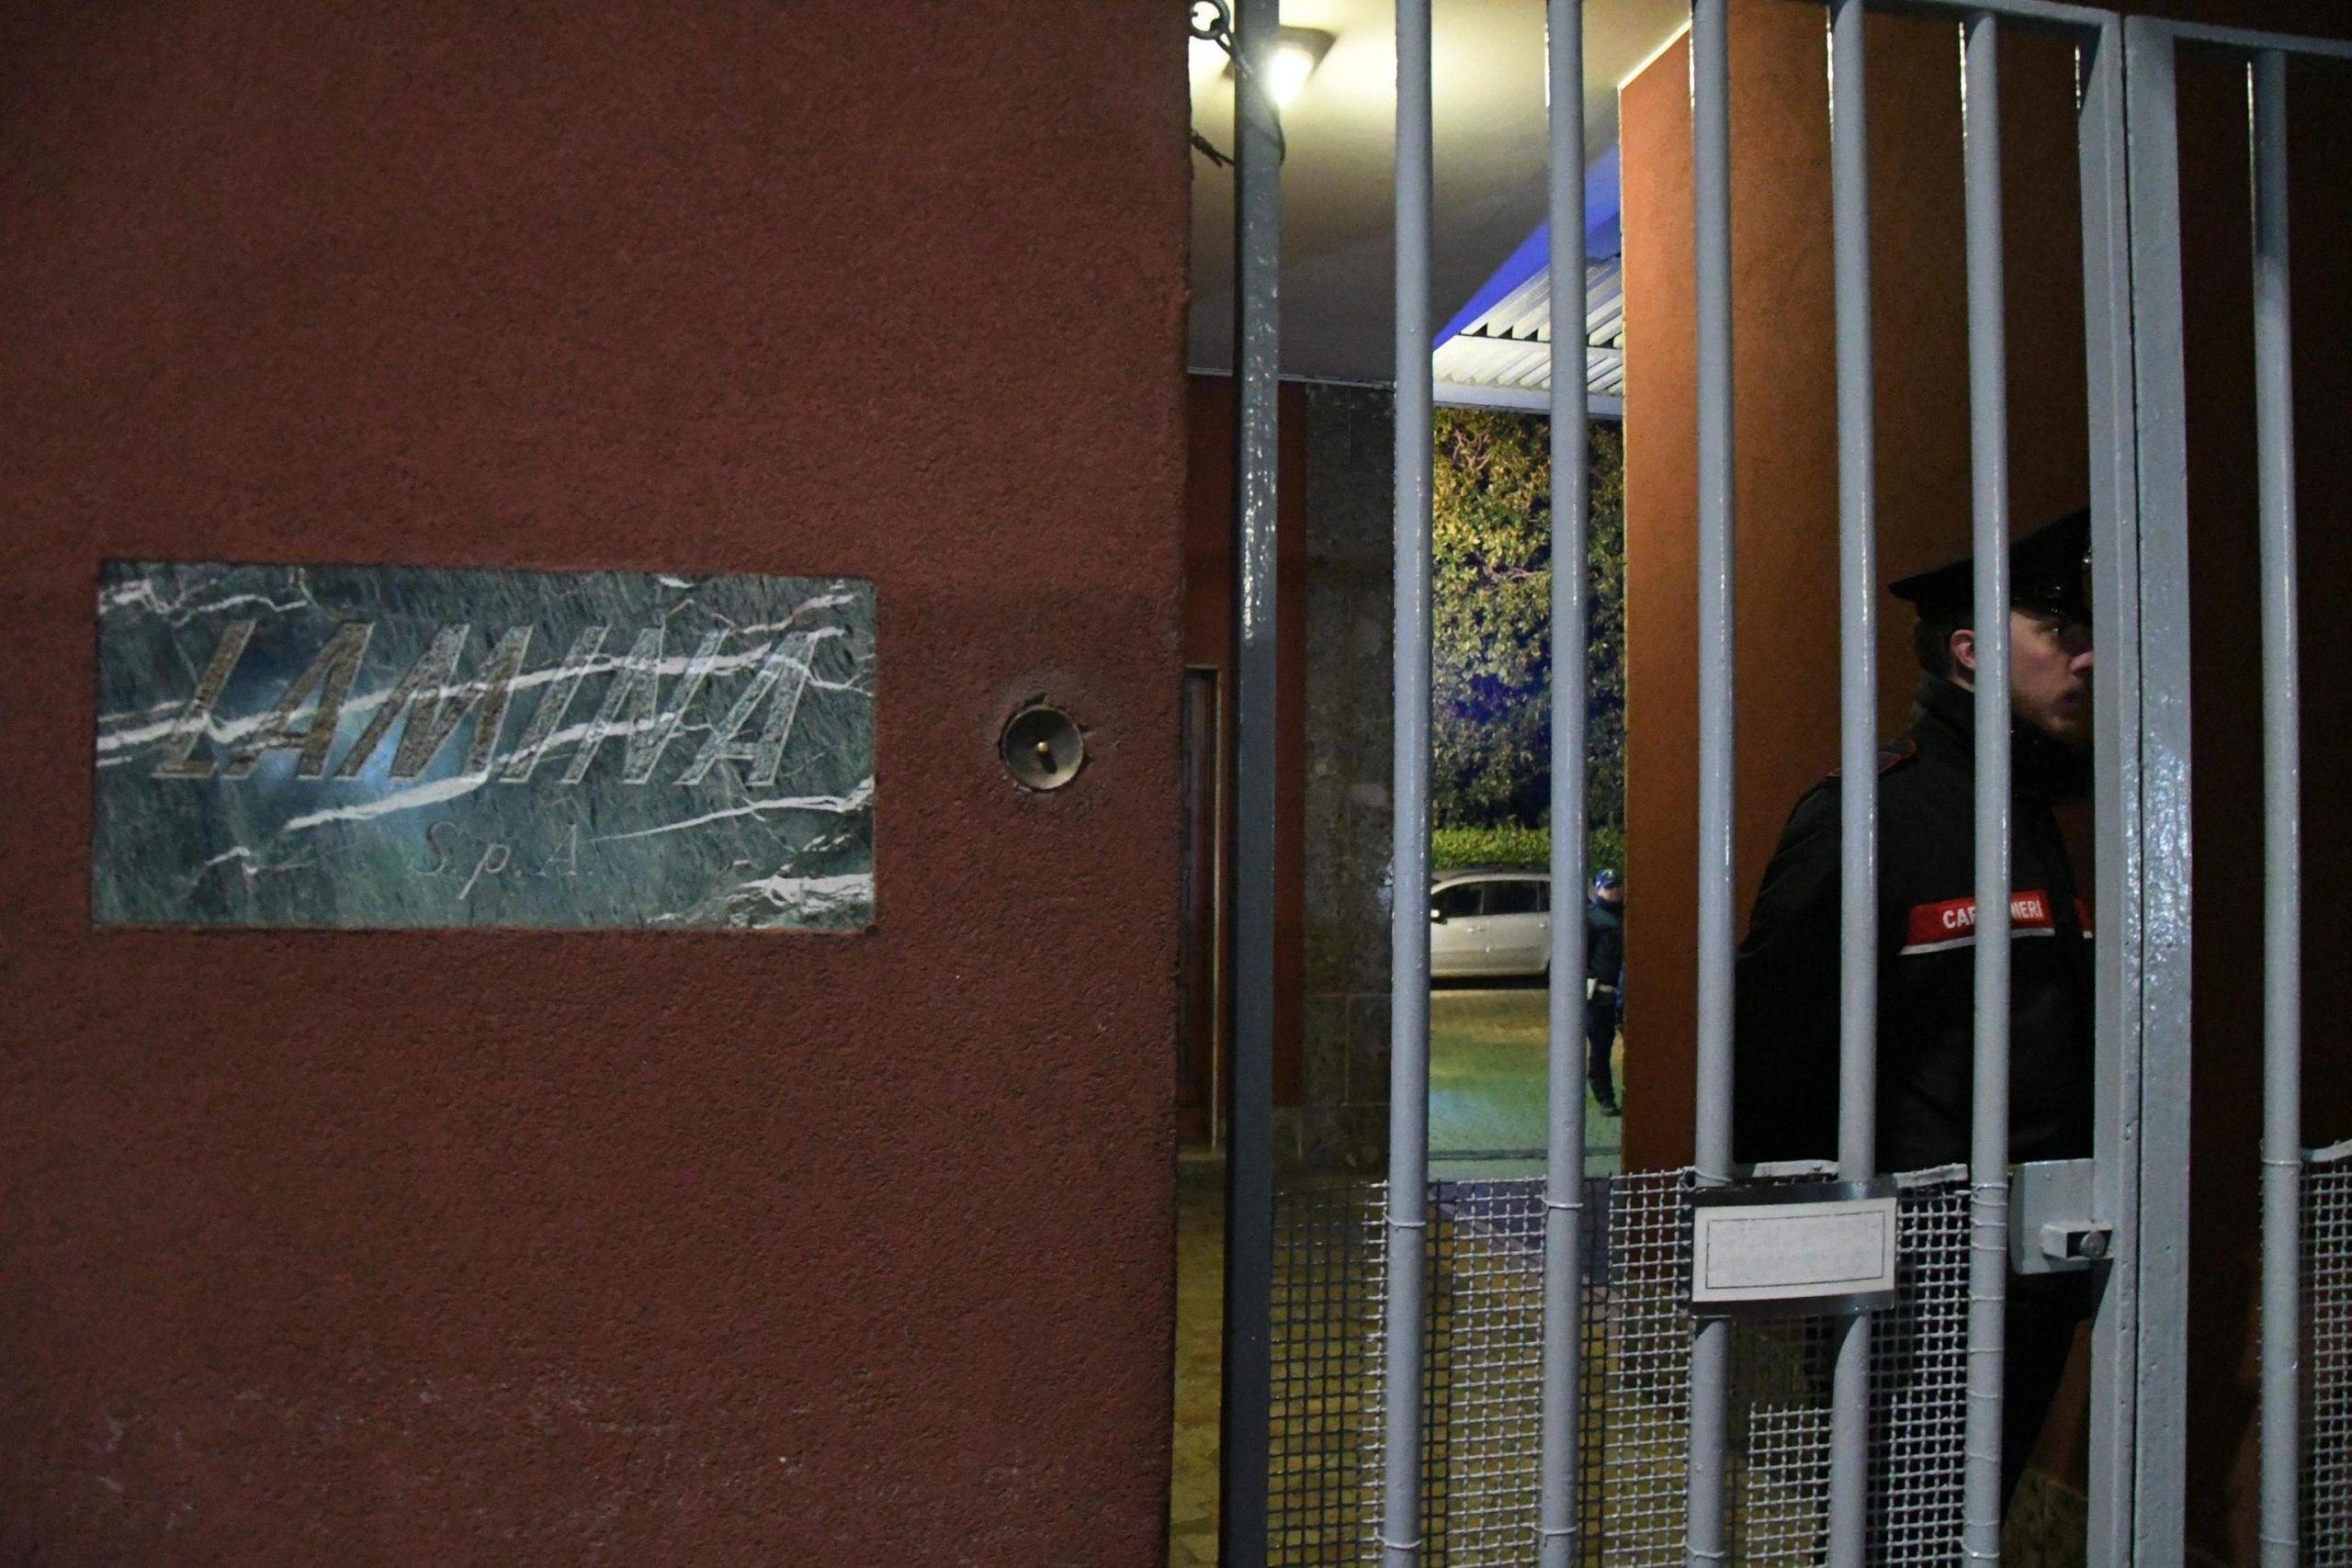 Incidente in fabbrica a Milano: i morti salgono a tre